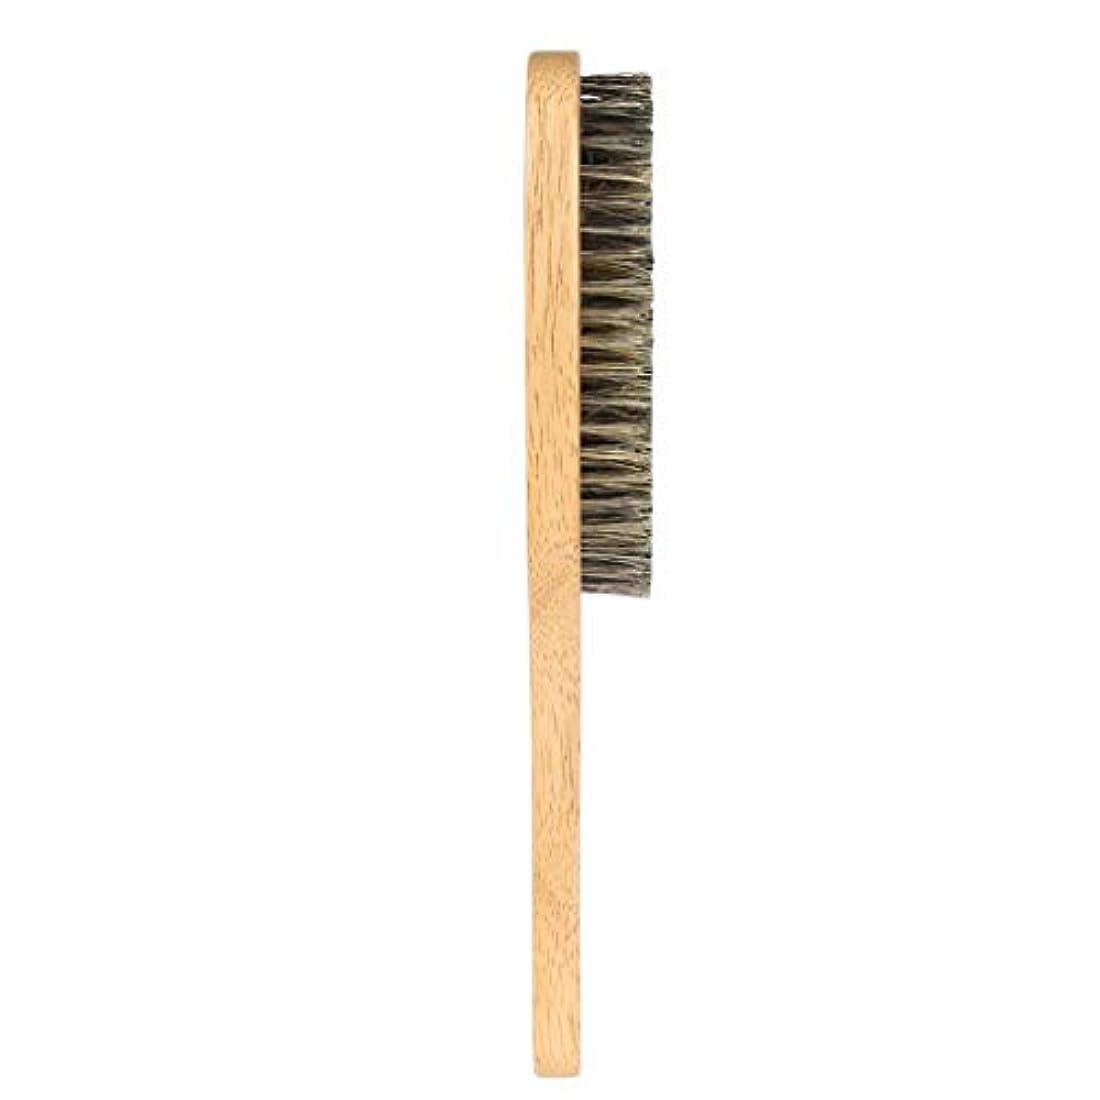 地味なシーサイドチロToygogo 男性合成繊維ひげ口ひげブラシ顔毛シェービングブラシw/ハンドル